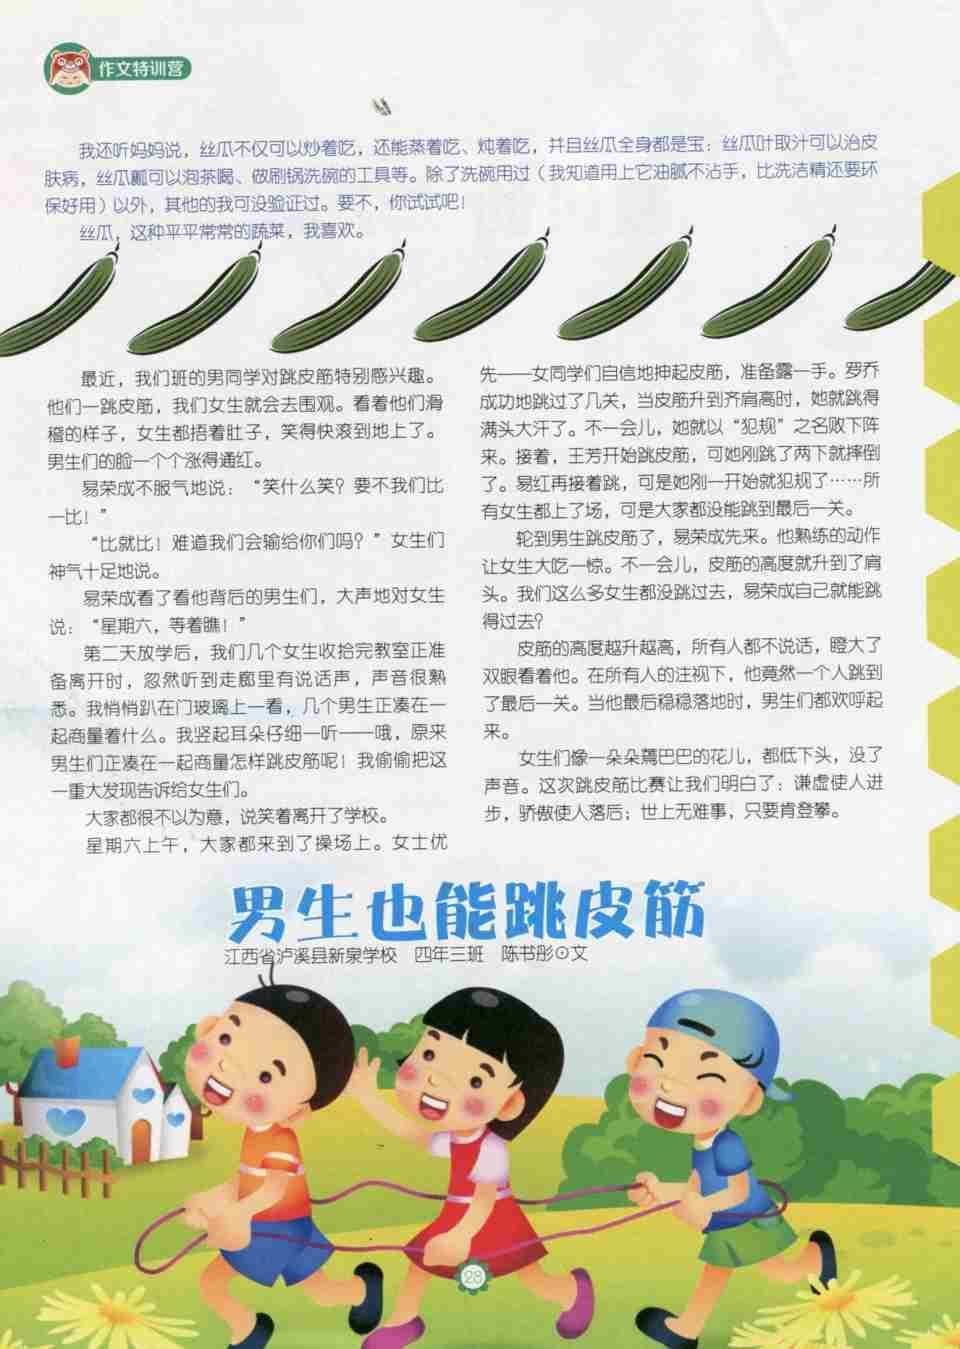 布老虎小学中高年级 作文特训营 1季度共3期 杂志订阅 -小布老虎小学